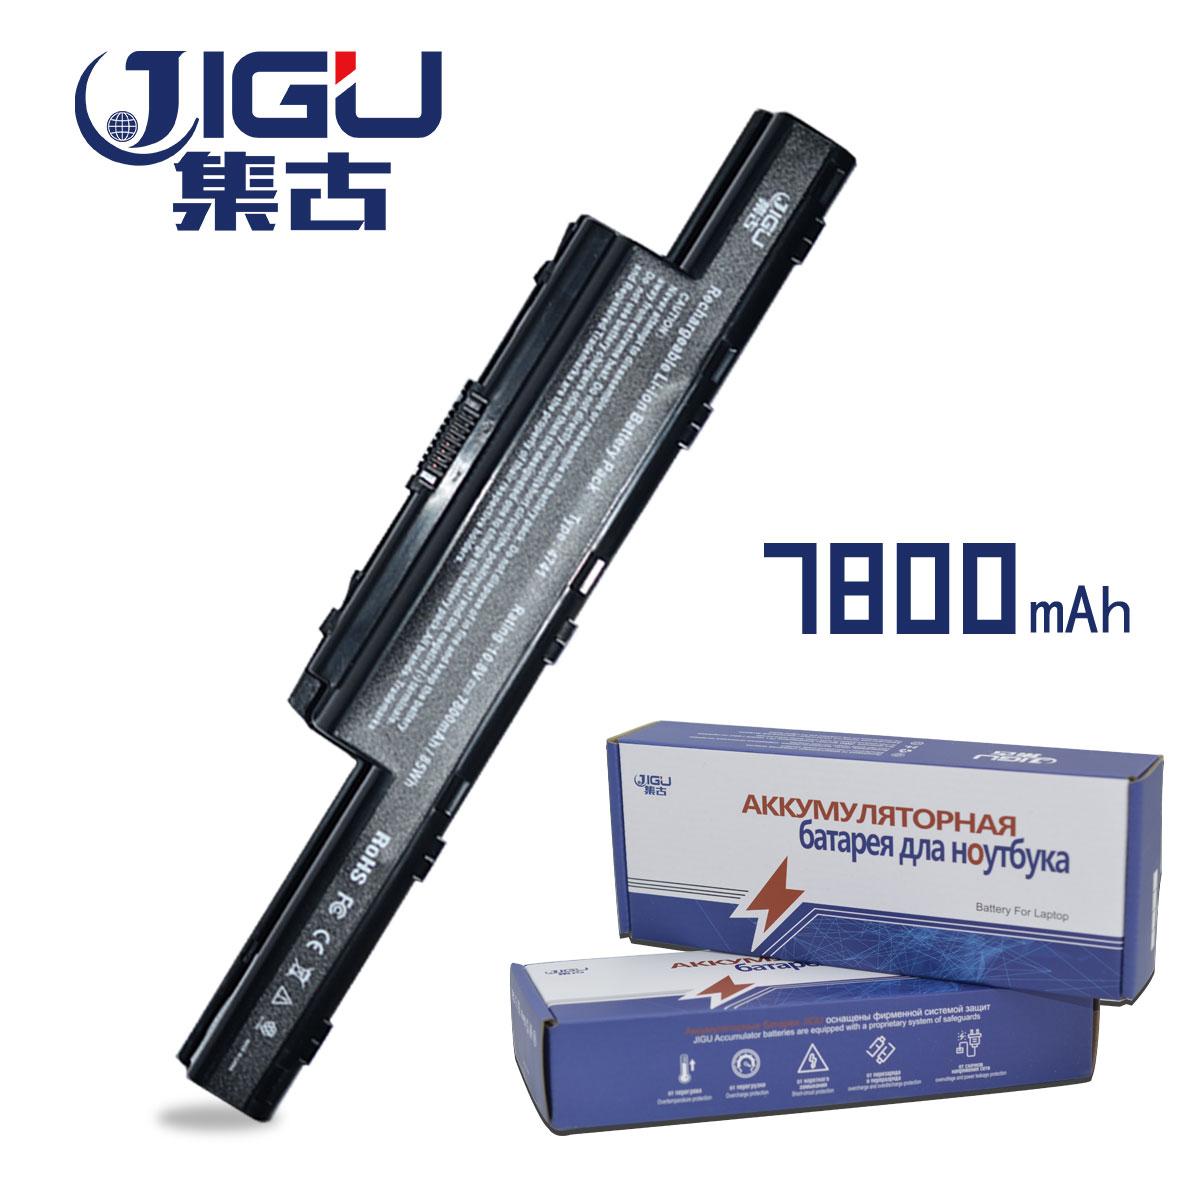 JIGU 7750g 9 Cells Battery For Acer Aspire 4741 7750g 5742 5745g AS10D31 AS10D51 AS10D75 AS10D71 As10d81 5750 As10d75 Battery недорго, оригинальная цена